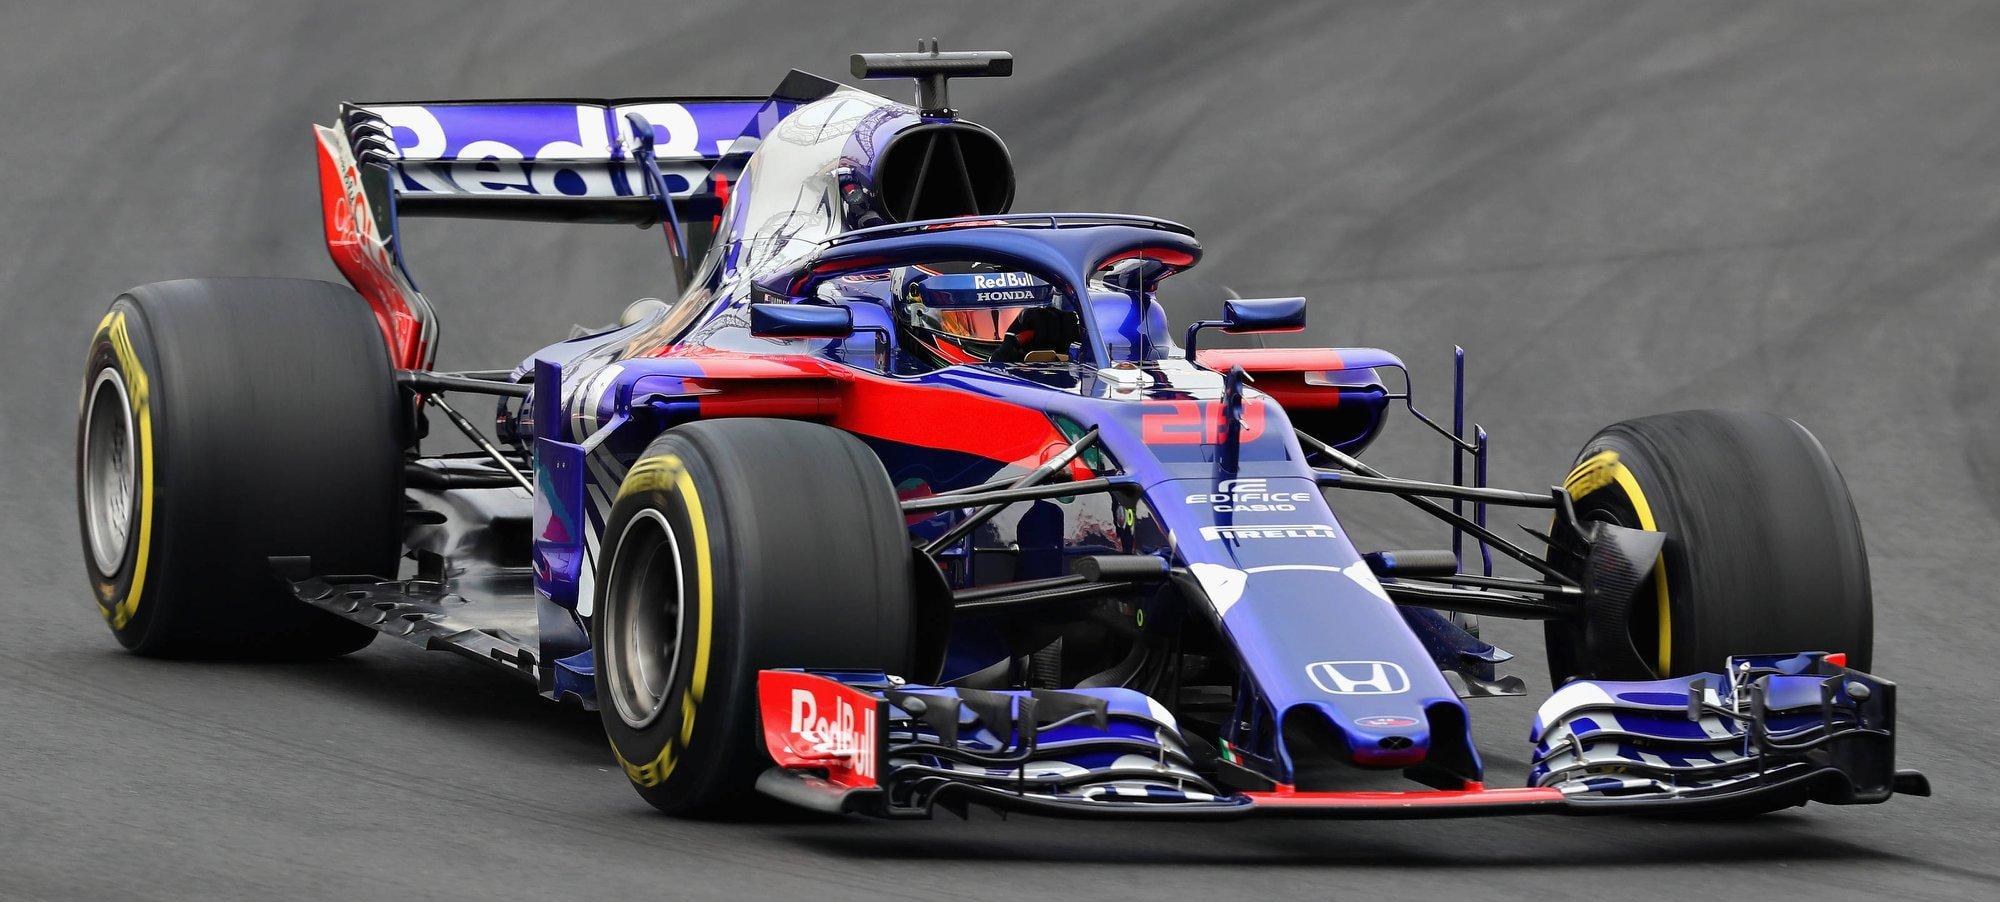 Nowy bolid F1 - Scuderia Toro Rosso.